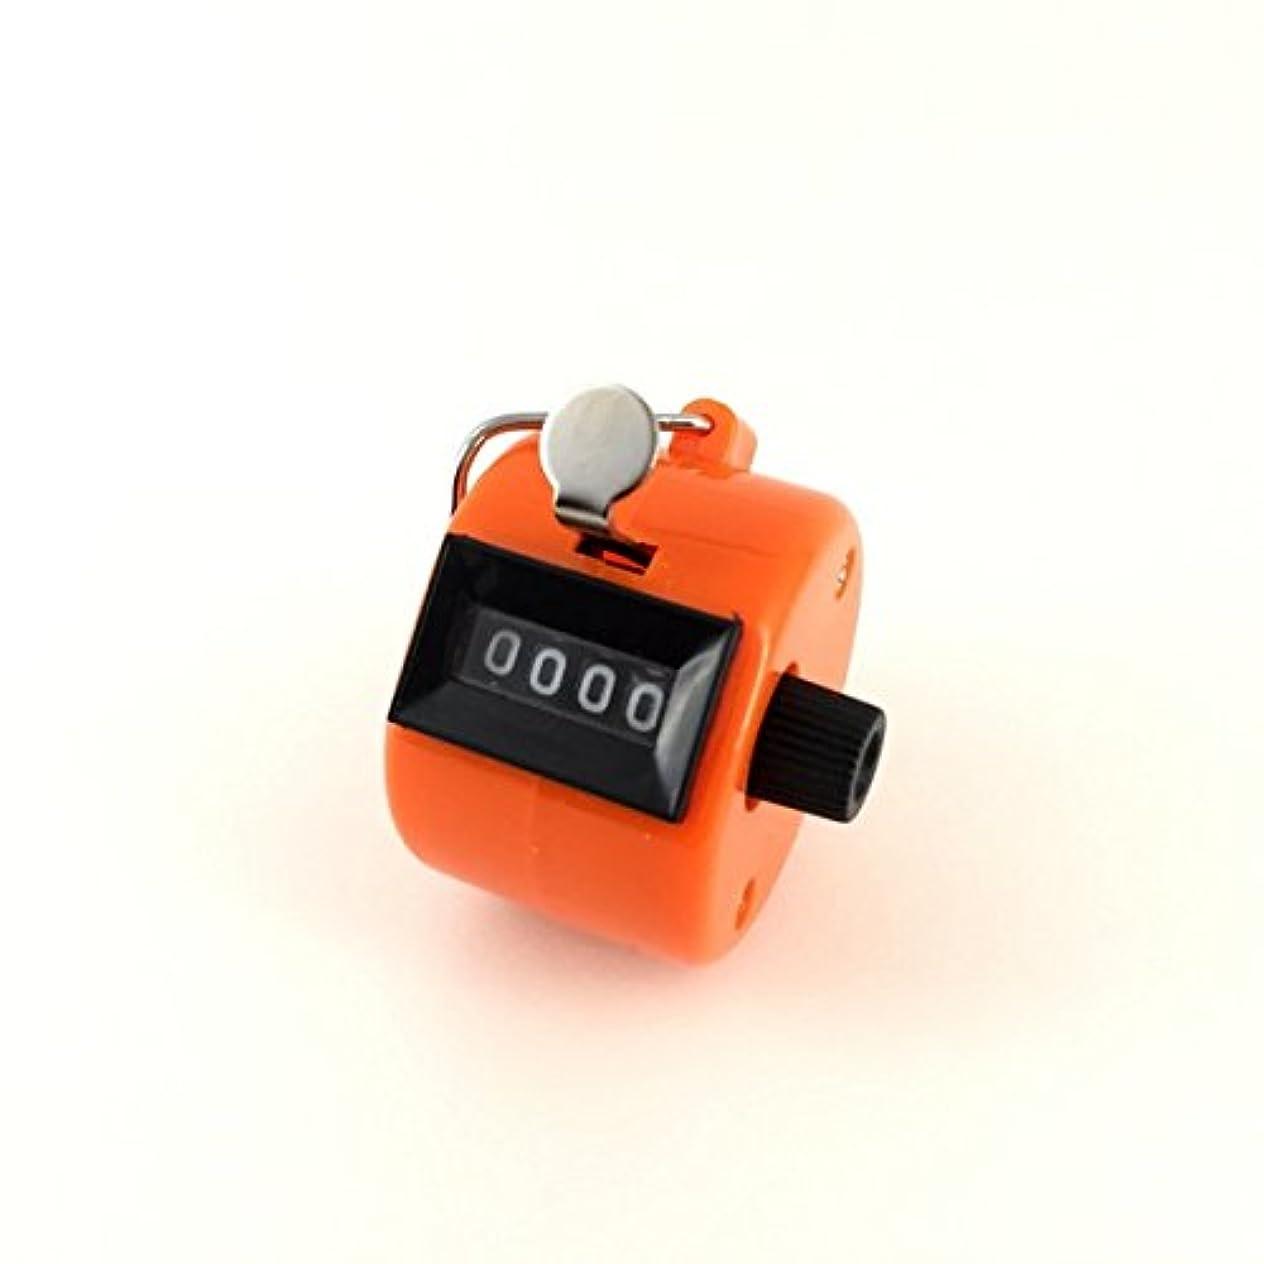 北米アカデミー誰のエクステカウンター 手持ちホルダー付き 数取器 まつげエクステ用品 カラー4色 (オレンジ)